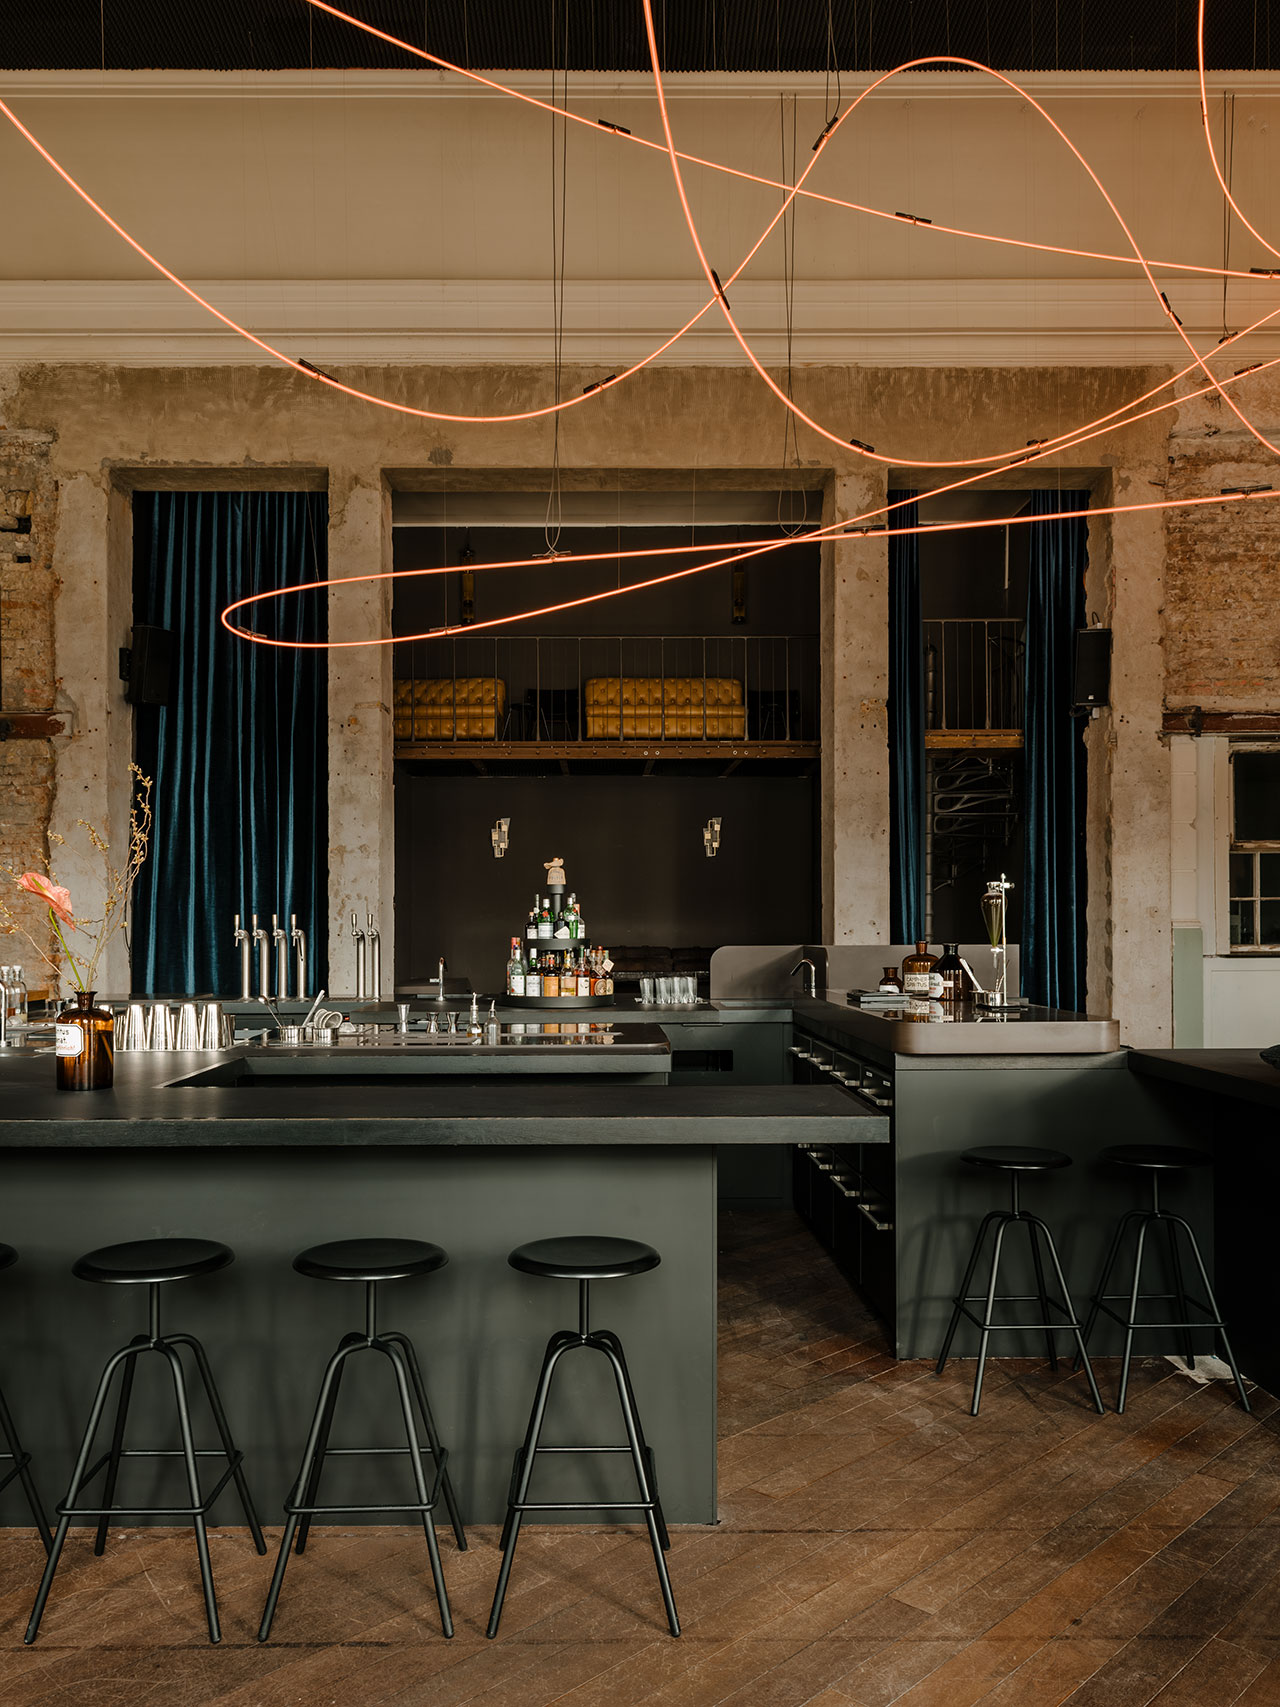 KINK Bar & Restaurant. Bar design incollaboration withHidden Fortress.Bar stools byAtelierHaussmann.Light installation byKerimSeiler. Photography by Robert Rieger. Courtesy of Kerim Seiler.